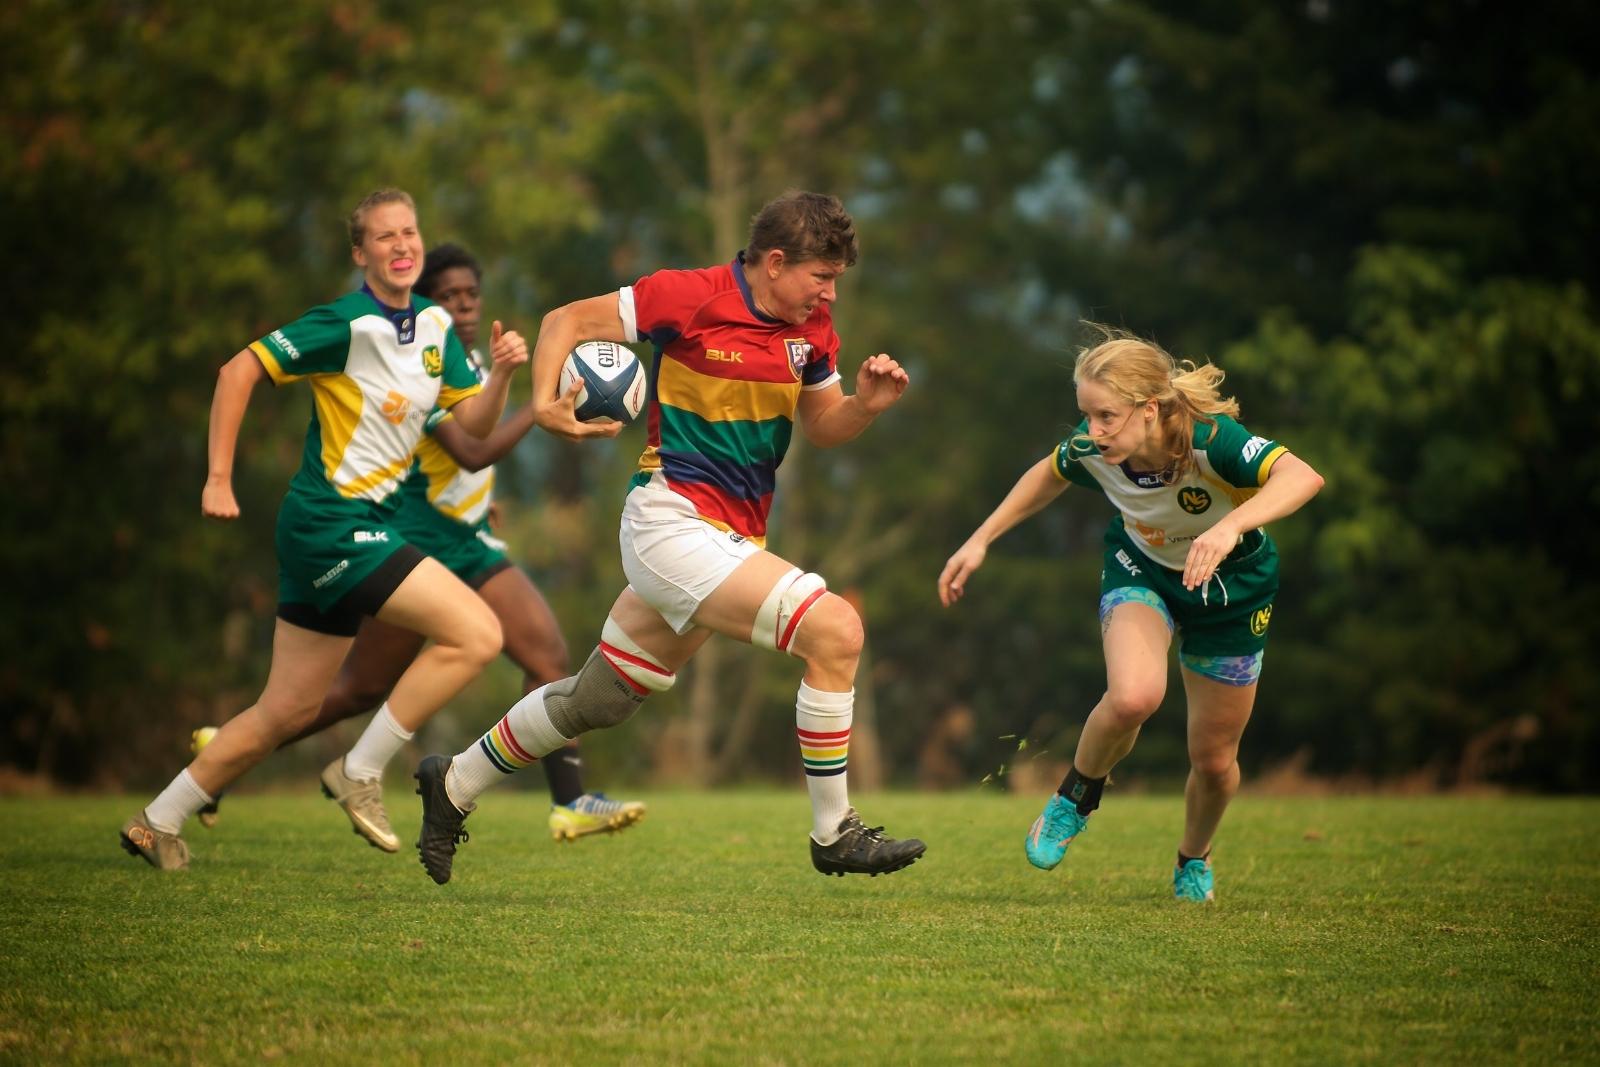 ORSU-Womens-7s-Rugby.jpg